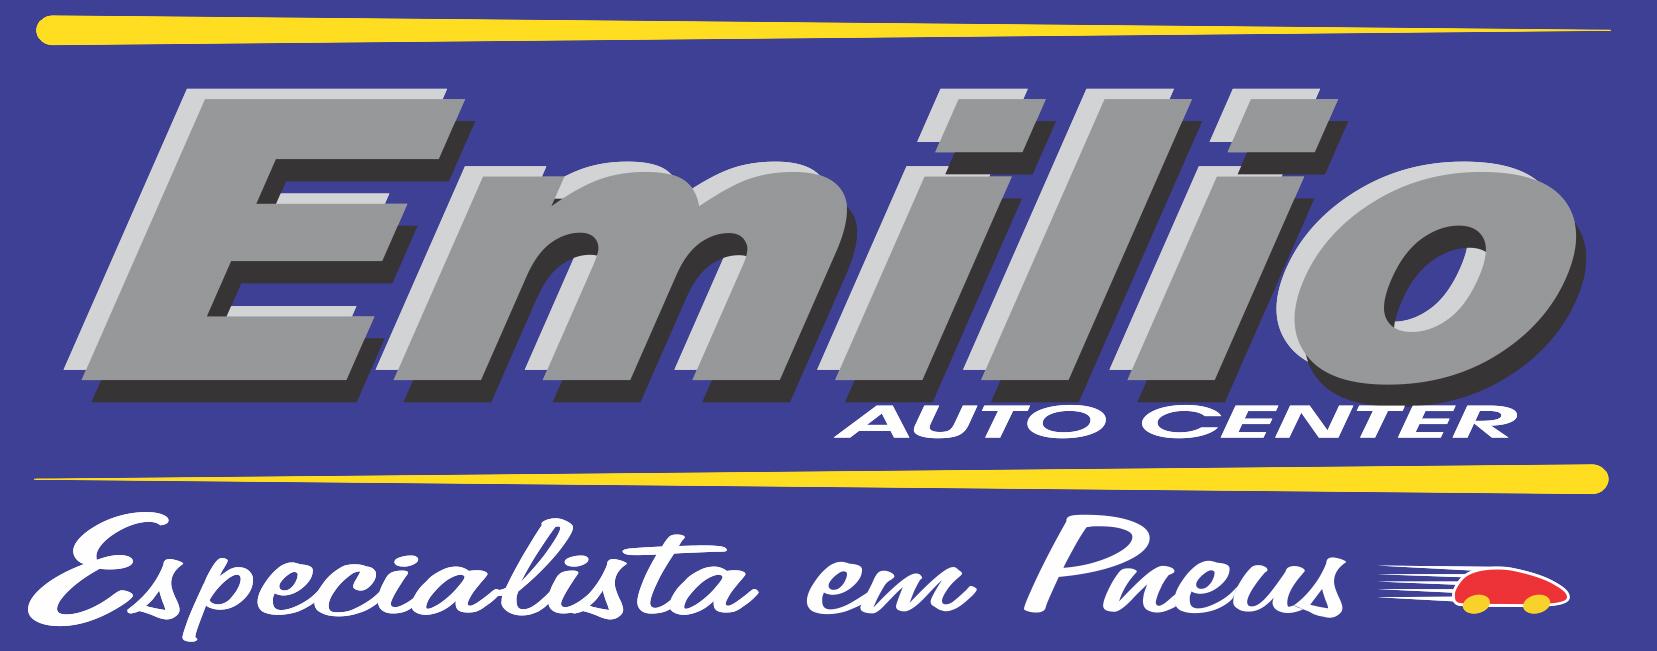 LOGO-EMILIO-AUTO-CENTER-2